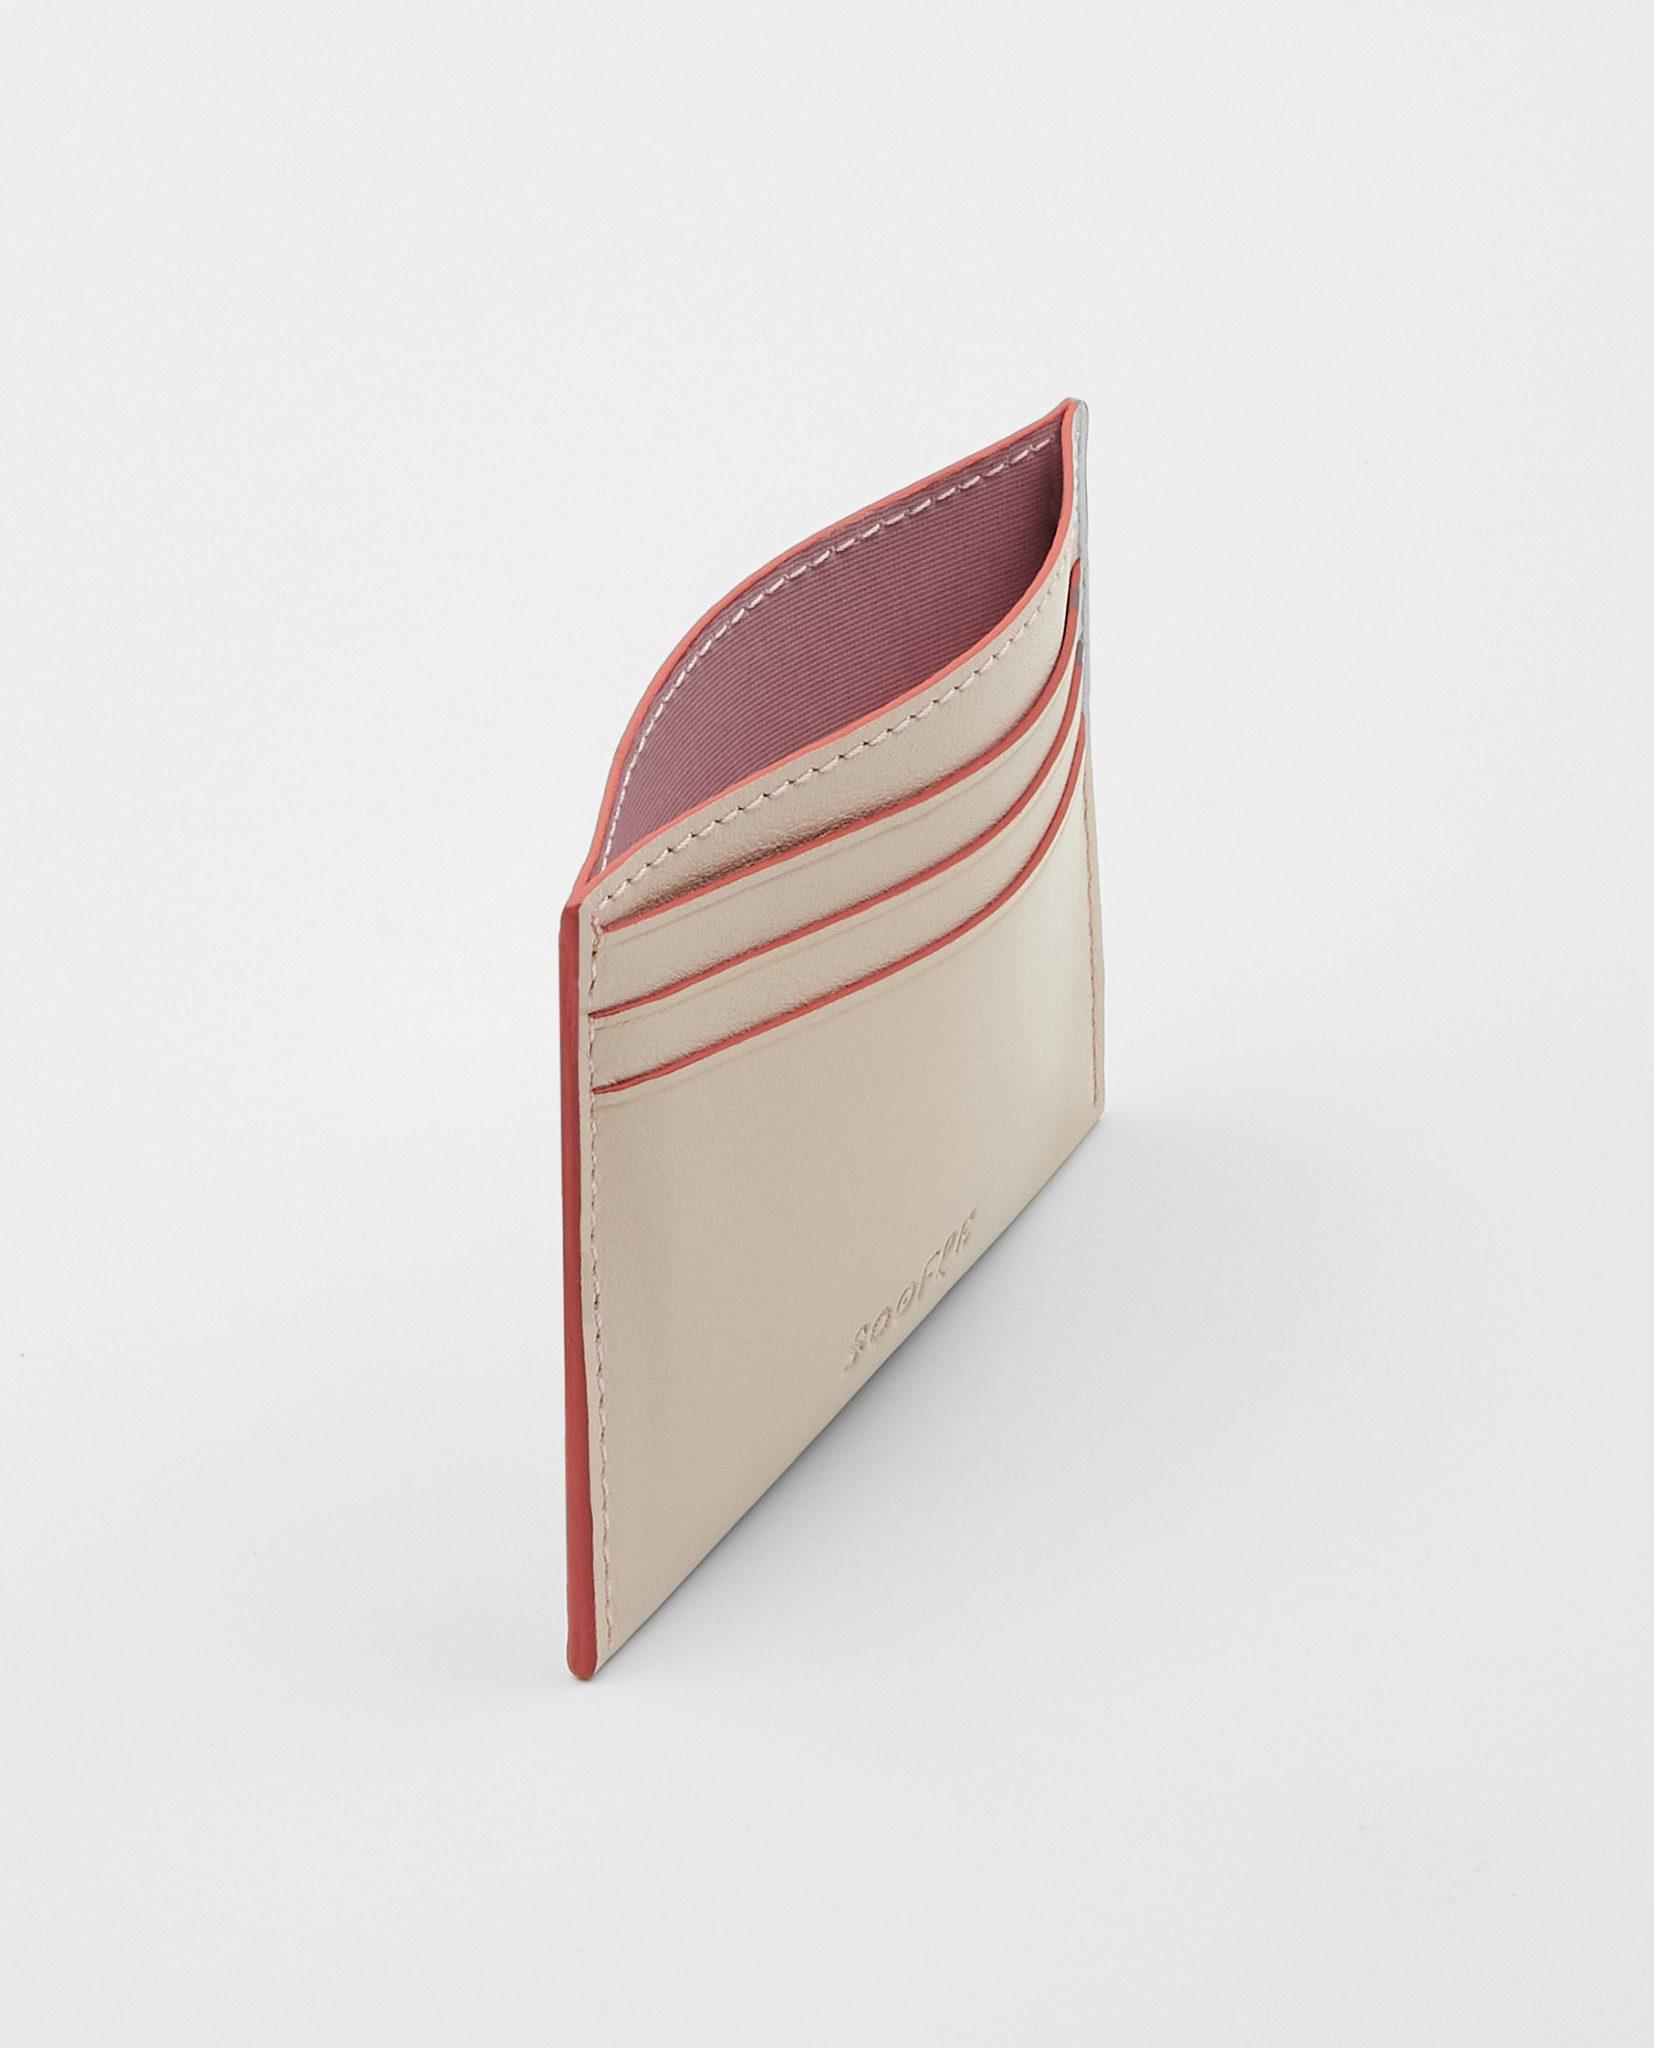 Soofre_Card-Holder_Blush-Coral_2